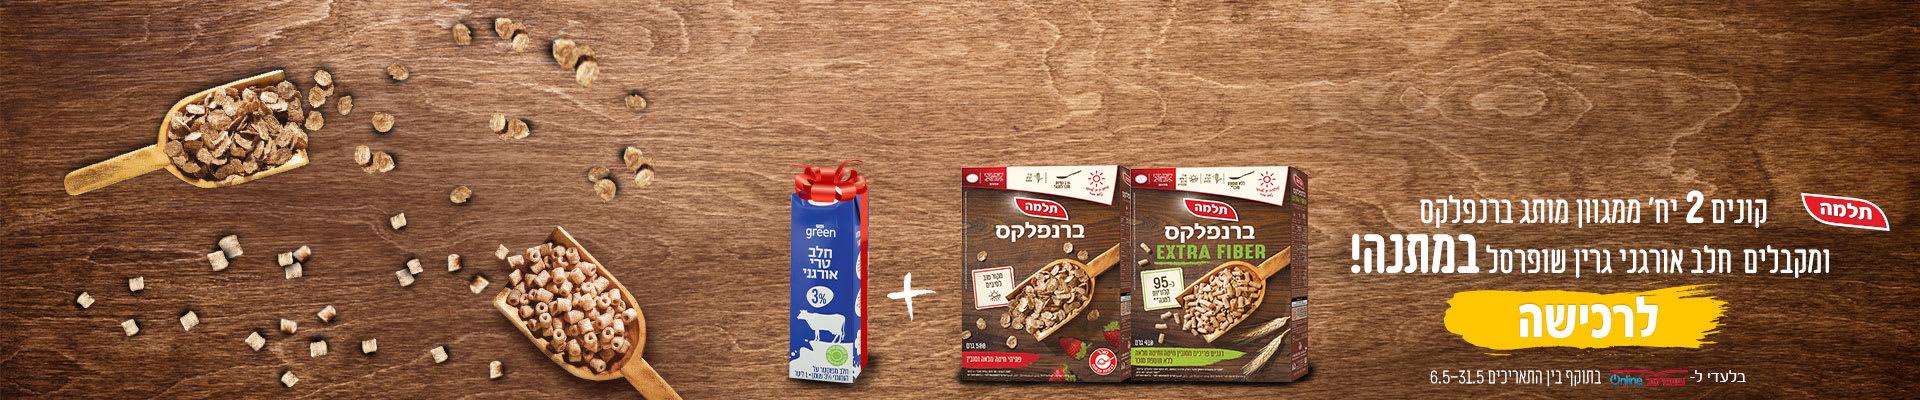 תלמה קונים 2 ממגוון מותג ברנפלקס ומקבלים חלב אורגני גרין שופרסל במתנה! לרכישה בלעדי ל- שופרסל ONLINE בתוקף בין התאריכים 6.5-31.5